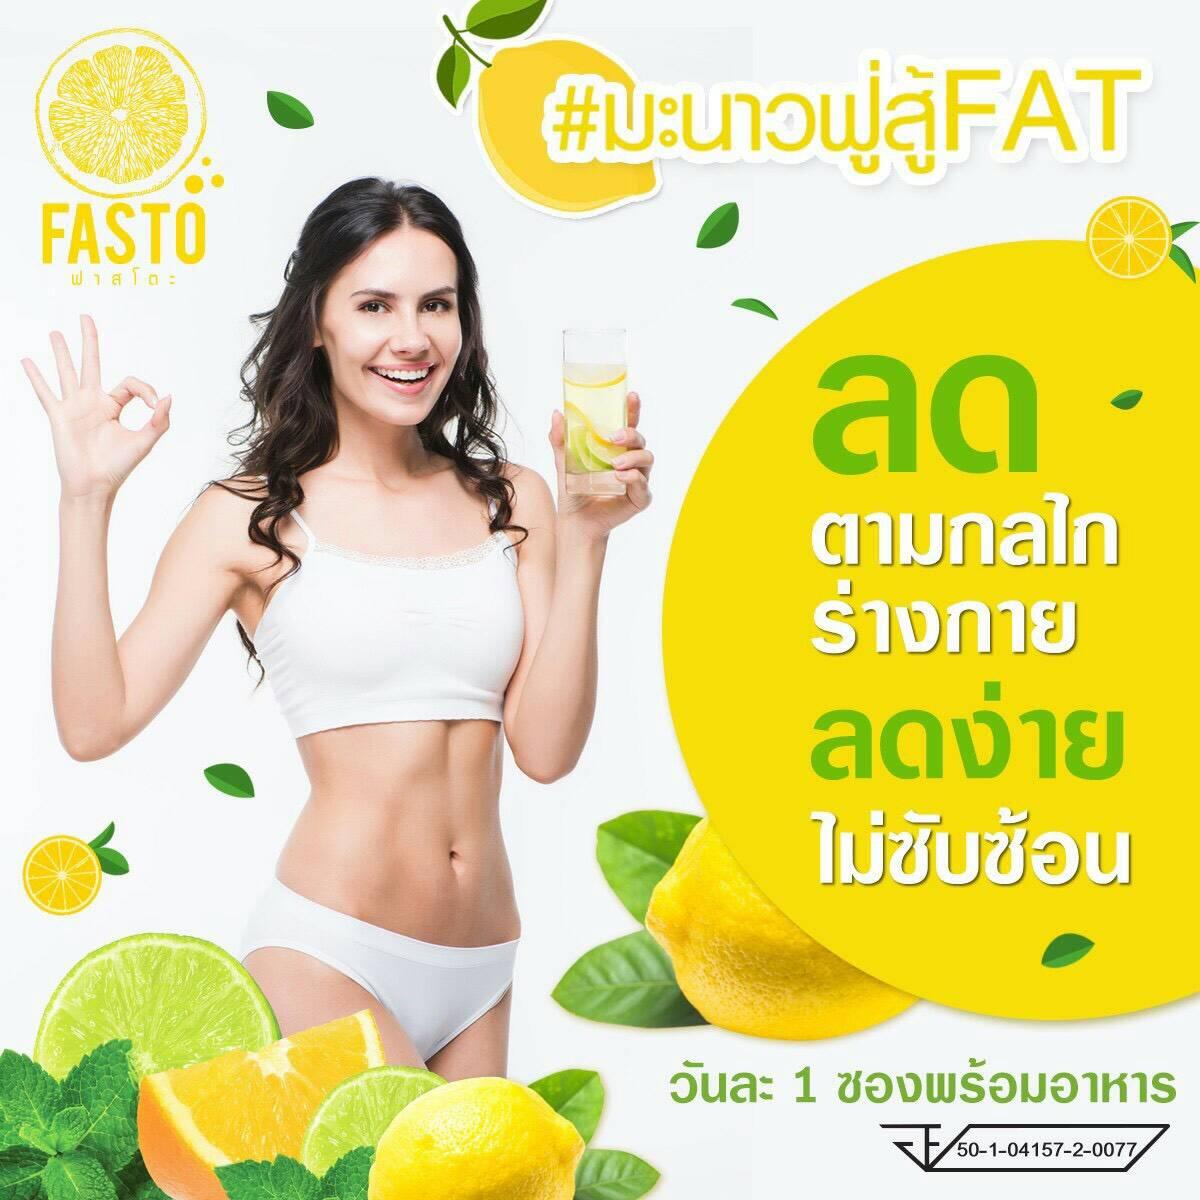 #มะนาวฟุ่สุ้FAT #ลดน้ำหนักตามกลไกร่างกาย #ลดง่ายไม่ซับซ้อน #วันละ1ซองพร้อมอาหาร #FASTO#ฟาสโตะ 1กล่อง 7 ซอง เพียง 390 บาท